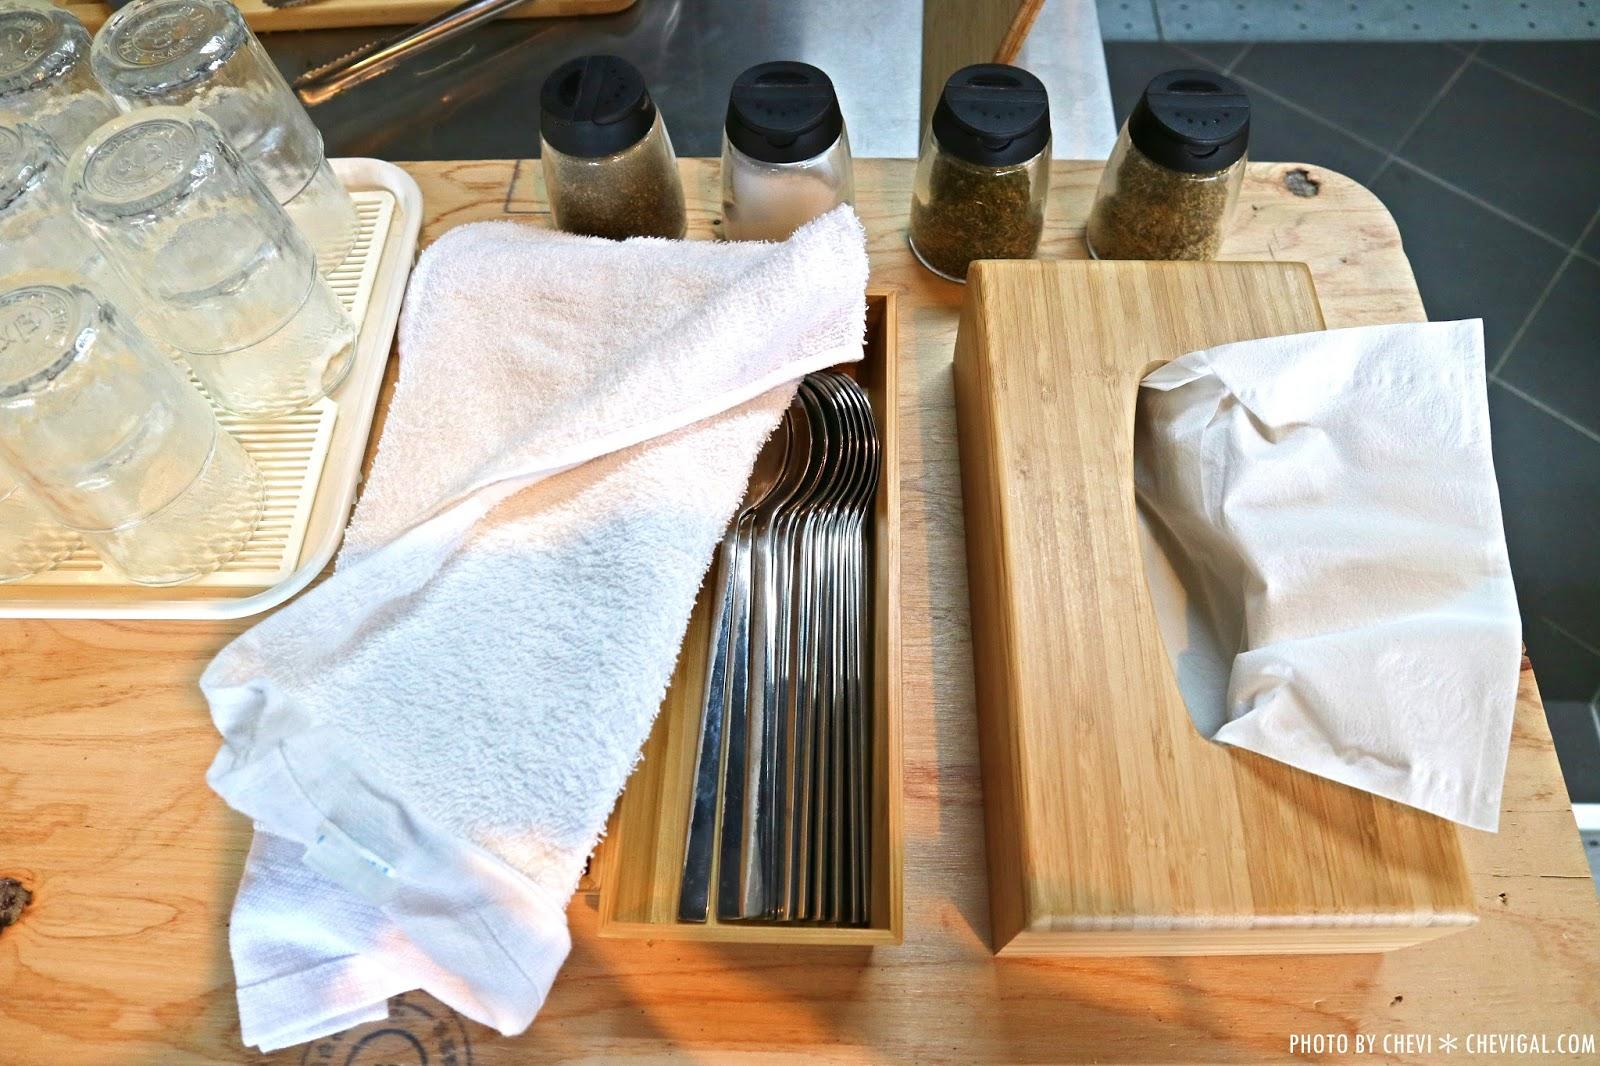 IMG 9632 - 糧倉 纖健水煮,隱身在柳川西路的文青小店。清爽水煮料理讓你吃到鮮甜原味